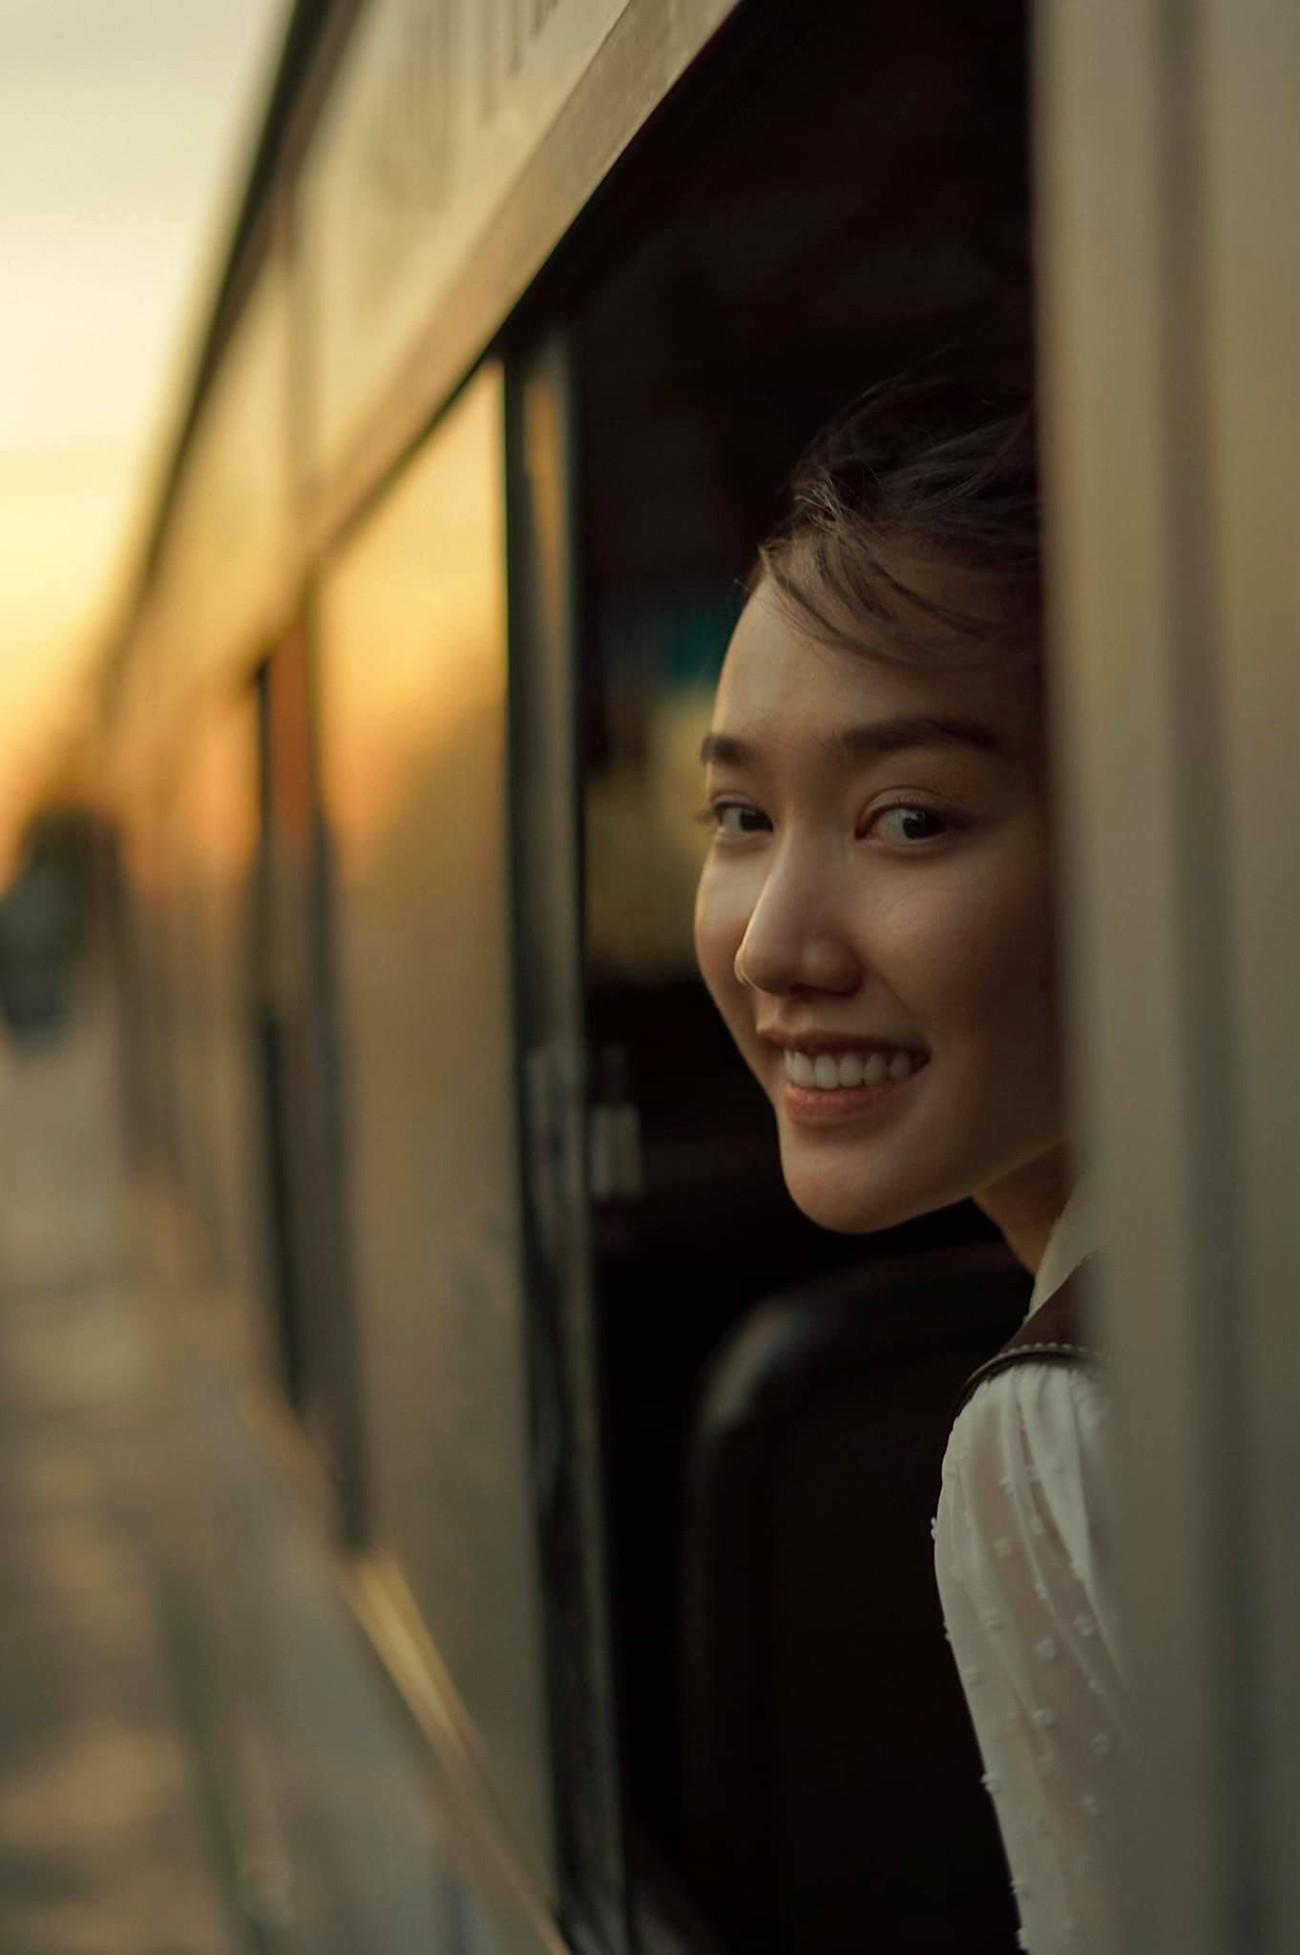 Khoảnh khắc đẹp hút hồn của cô nàng có 'Gương mặt đẹp nhất' Hoa hậu Việt Nam 2018 ảnh 2